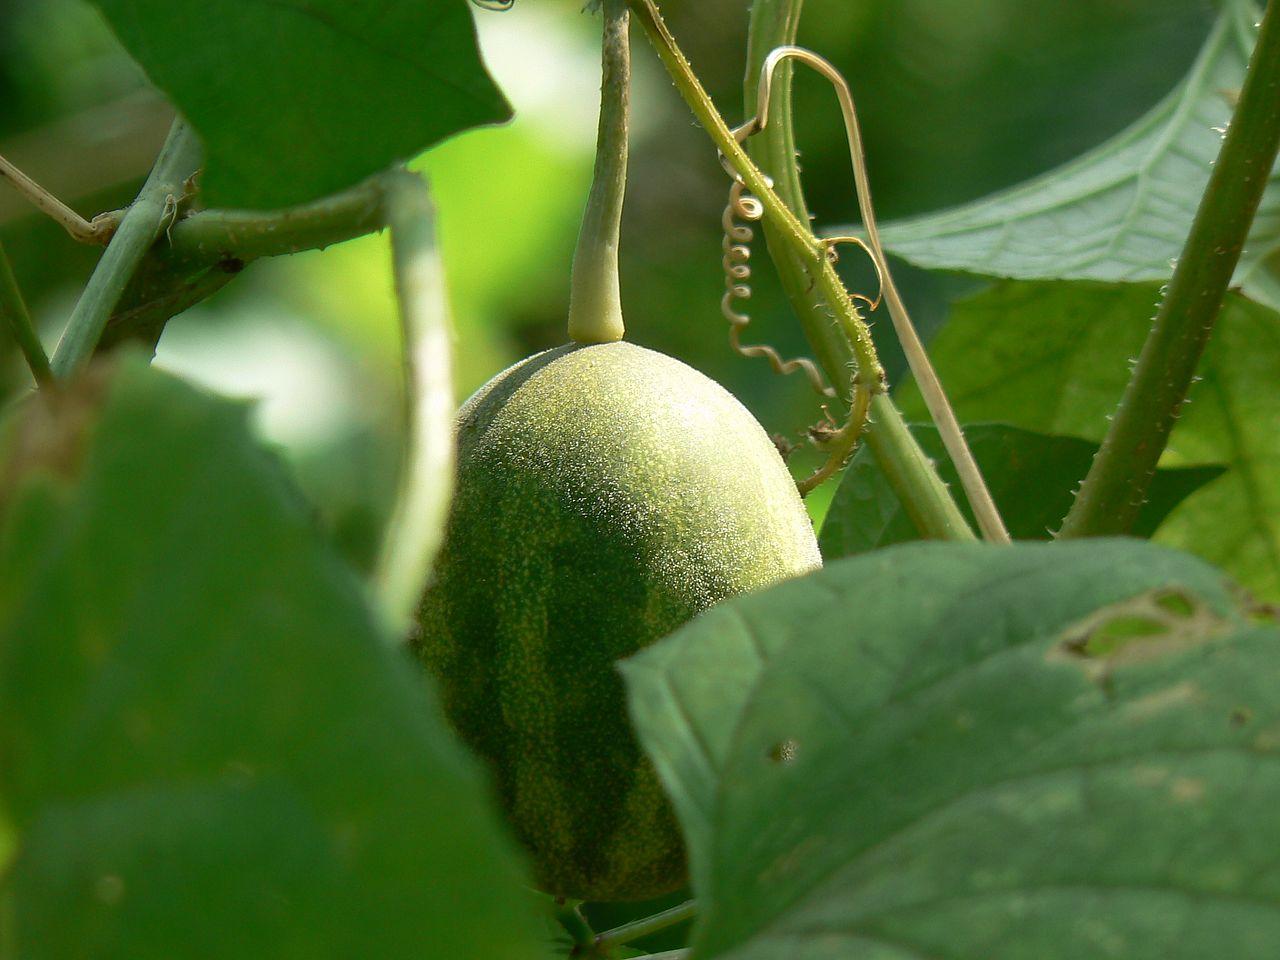 Melouny se běžně pěstují i v České republice.